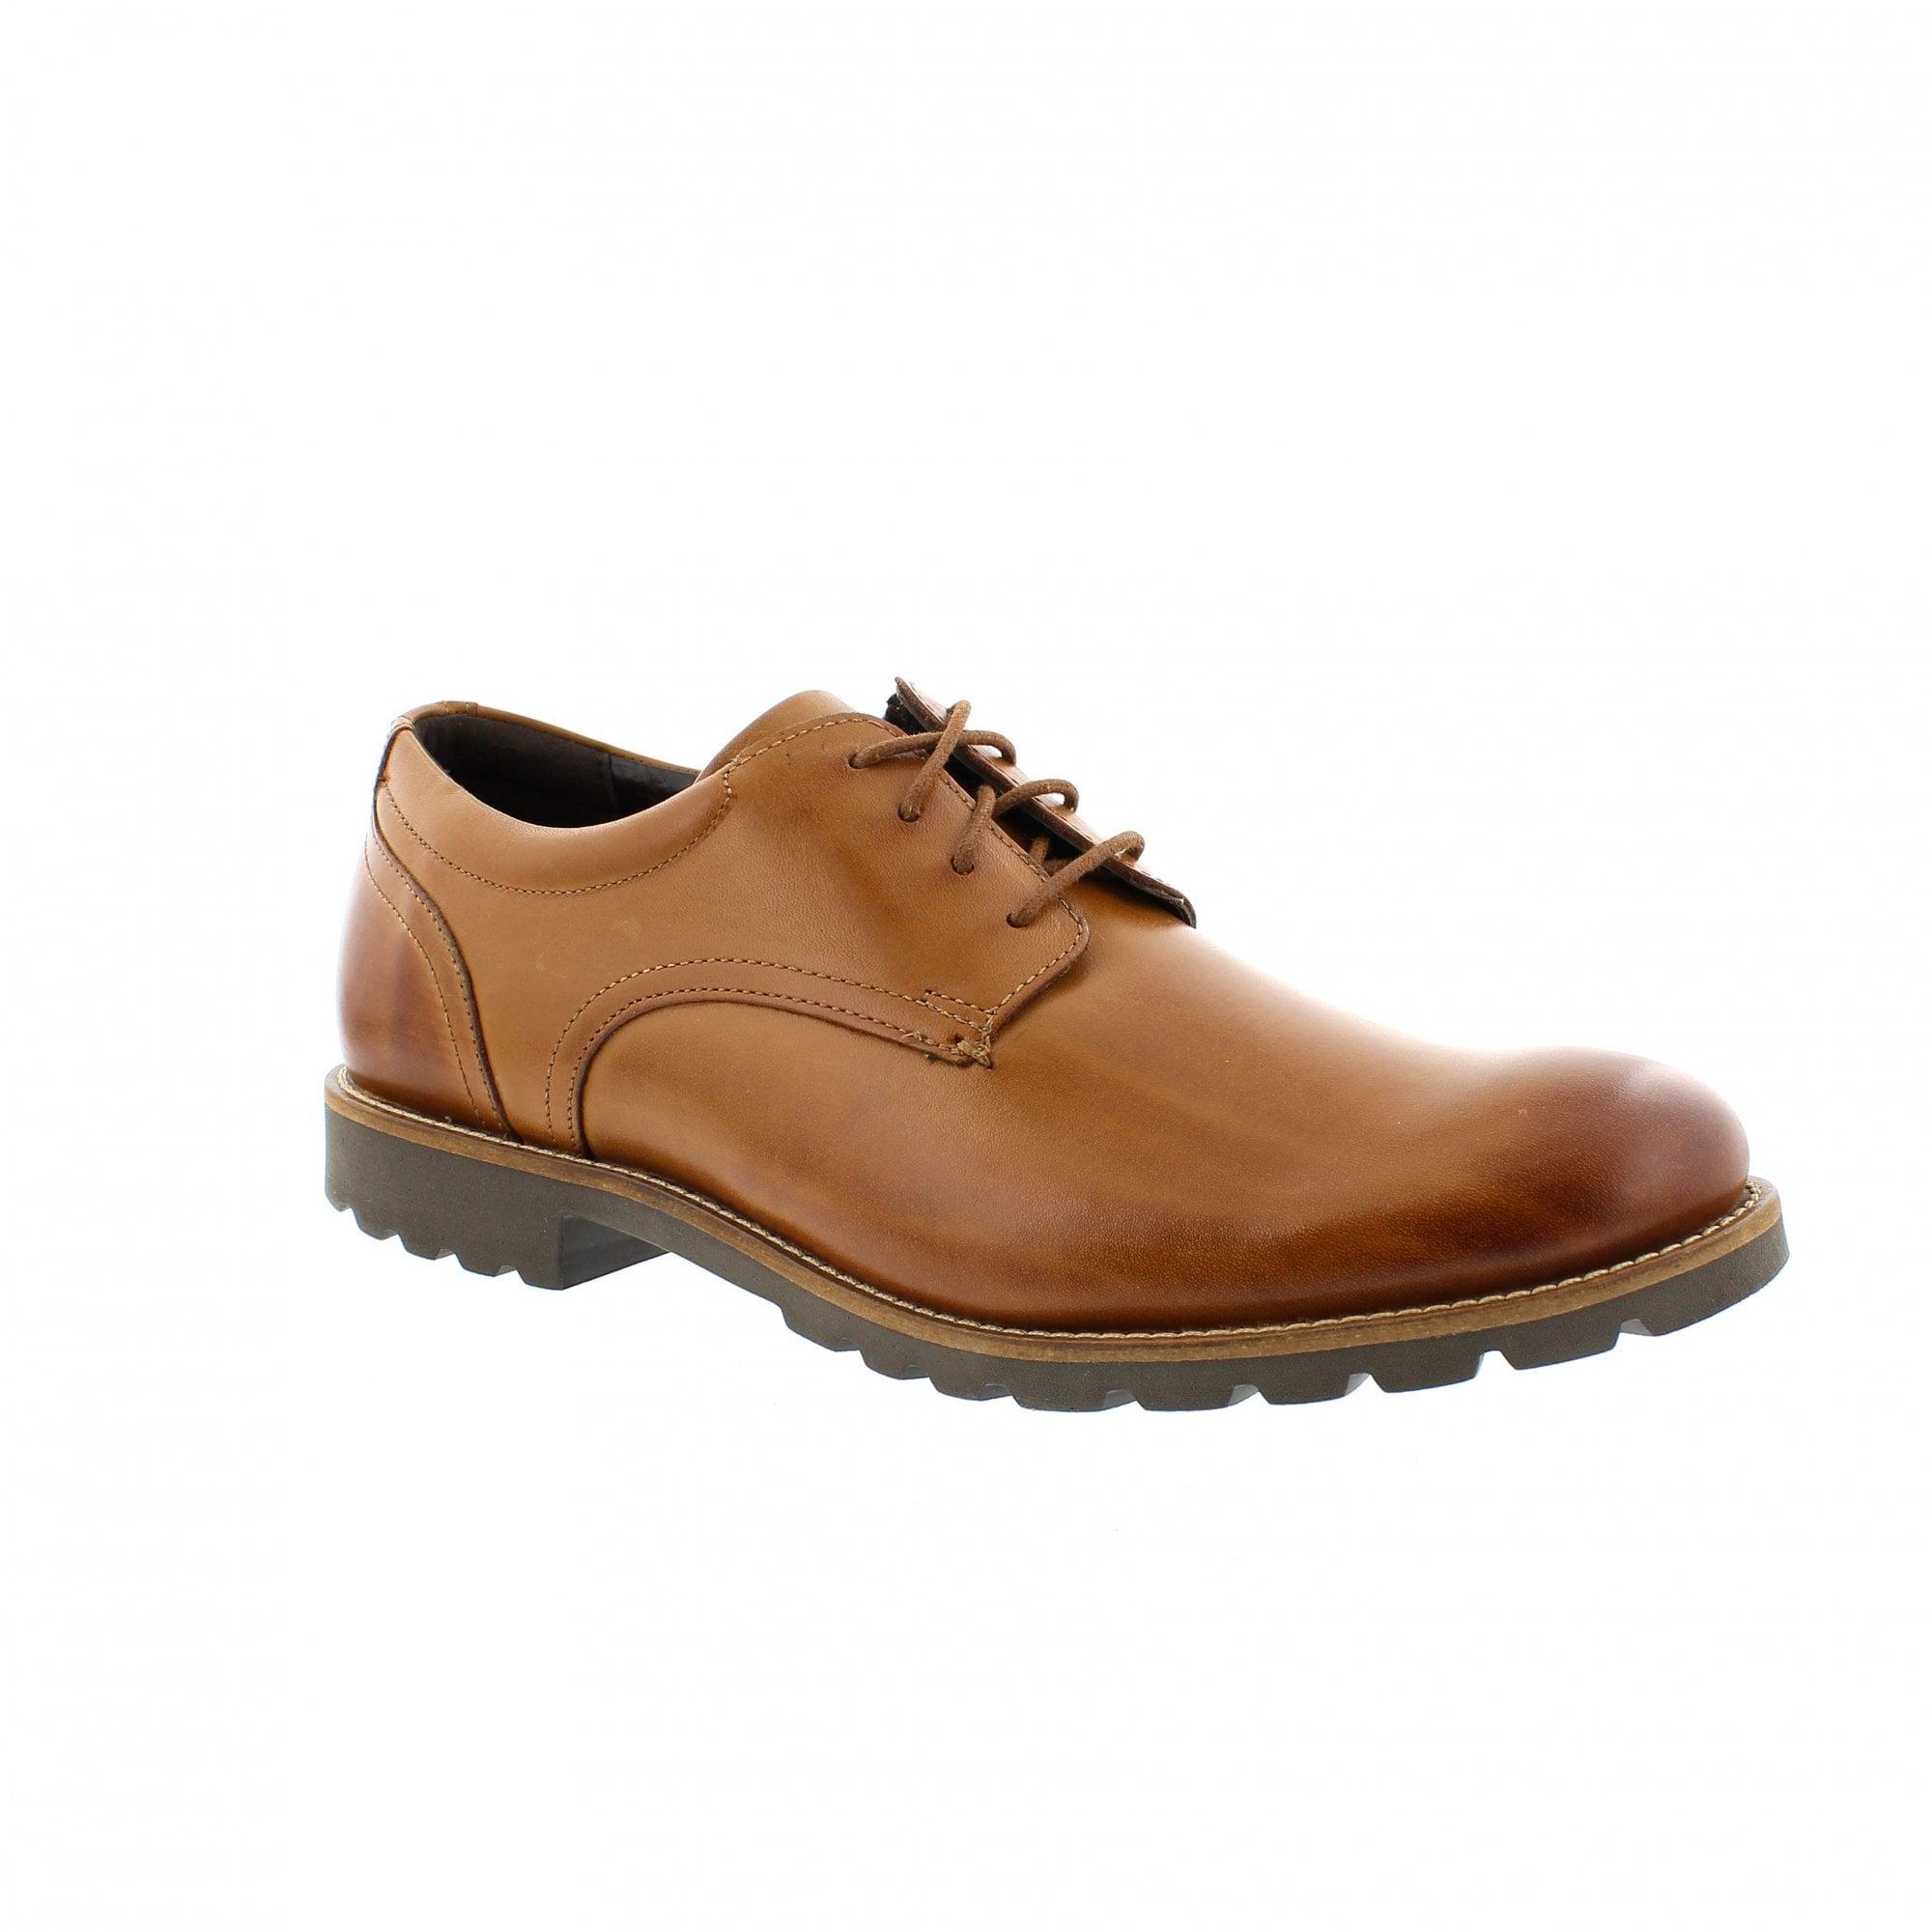 c5fc57954b325 Rockport Modern Break Plain Toe BX2343 Mens Lace Up Shoes   Rogerson ...